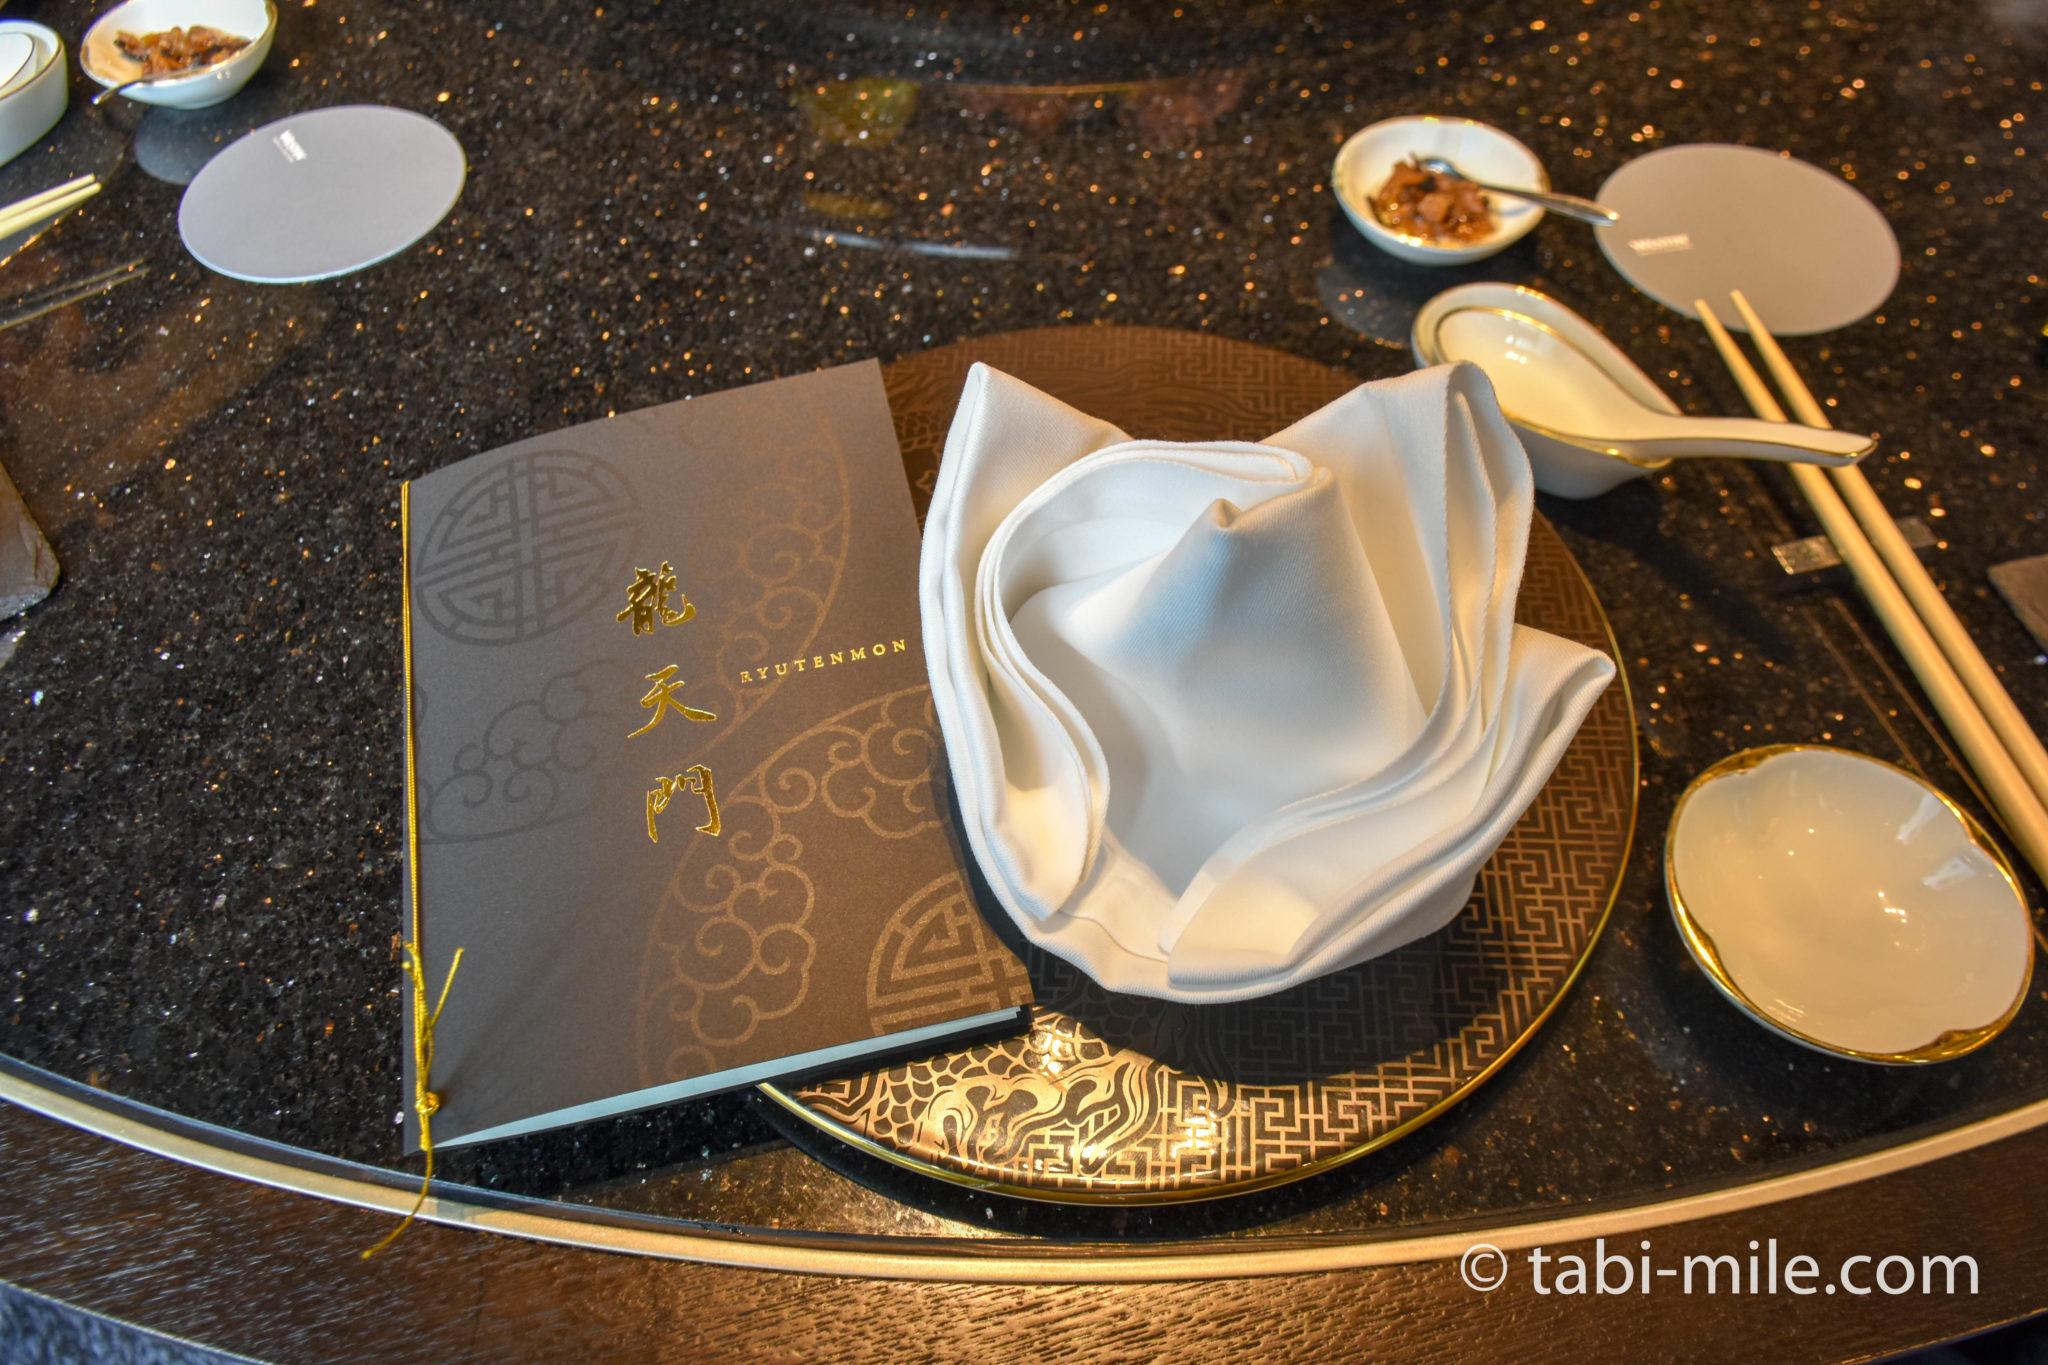 ウェスティンホテル東京 龍天門